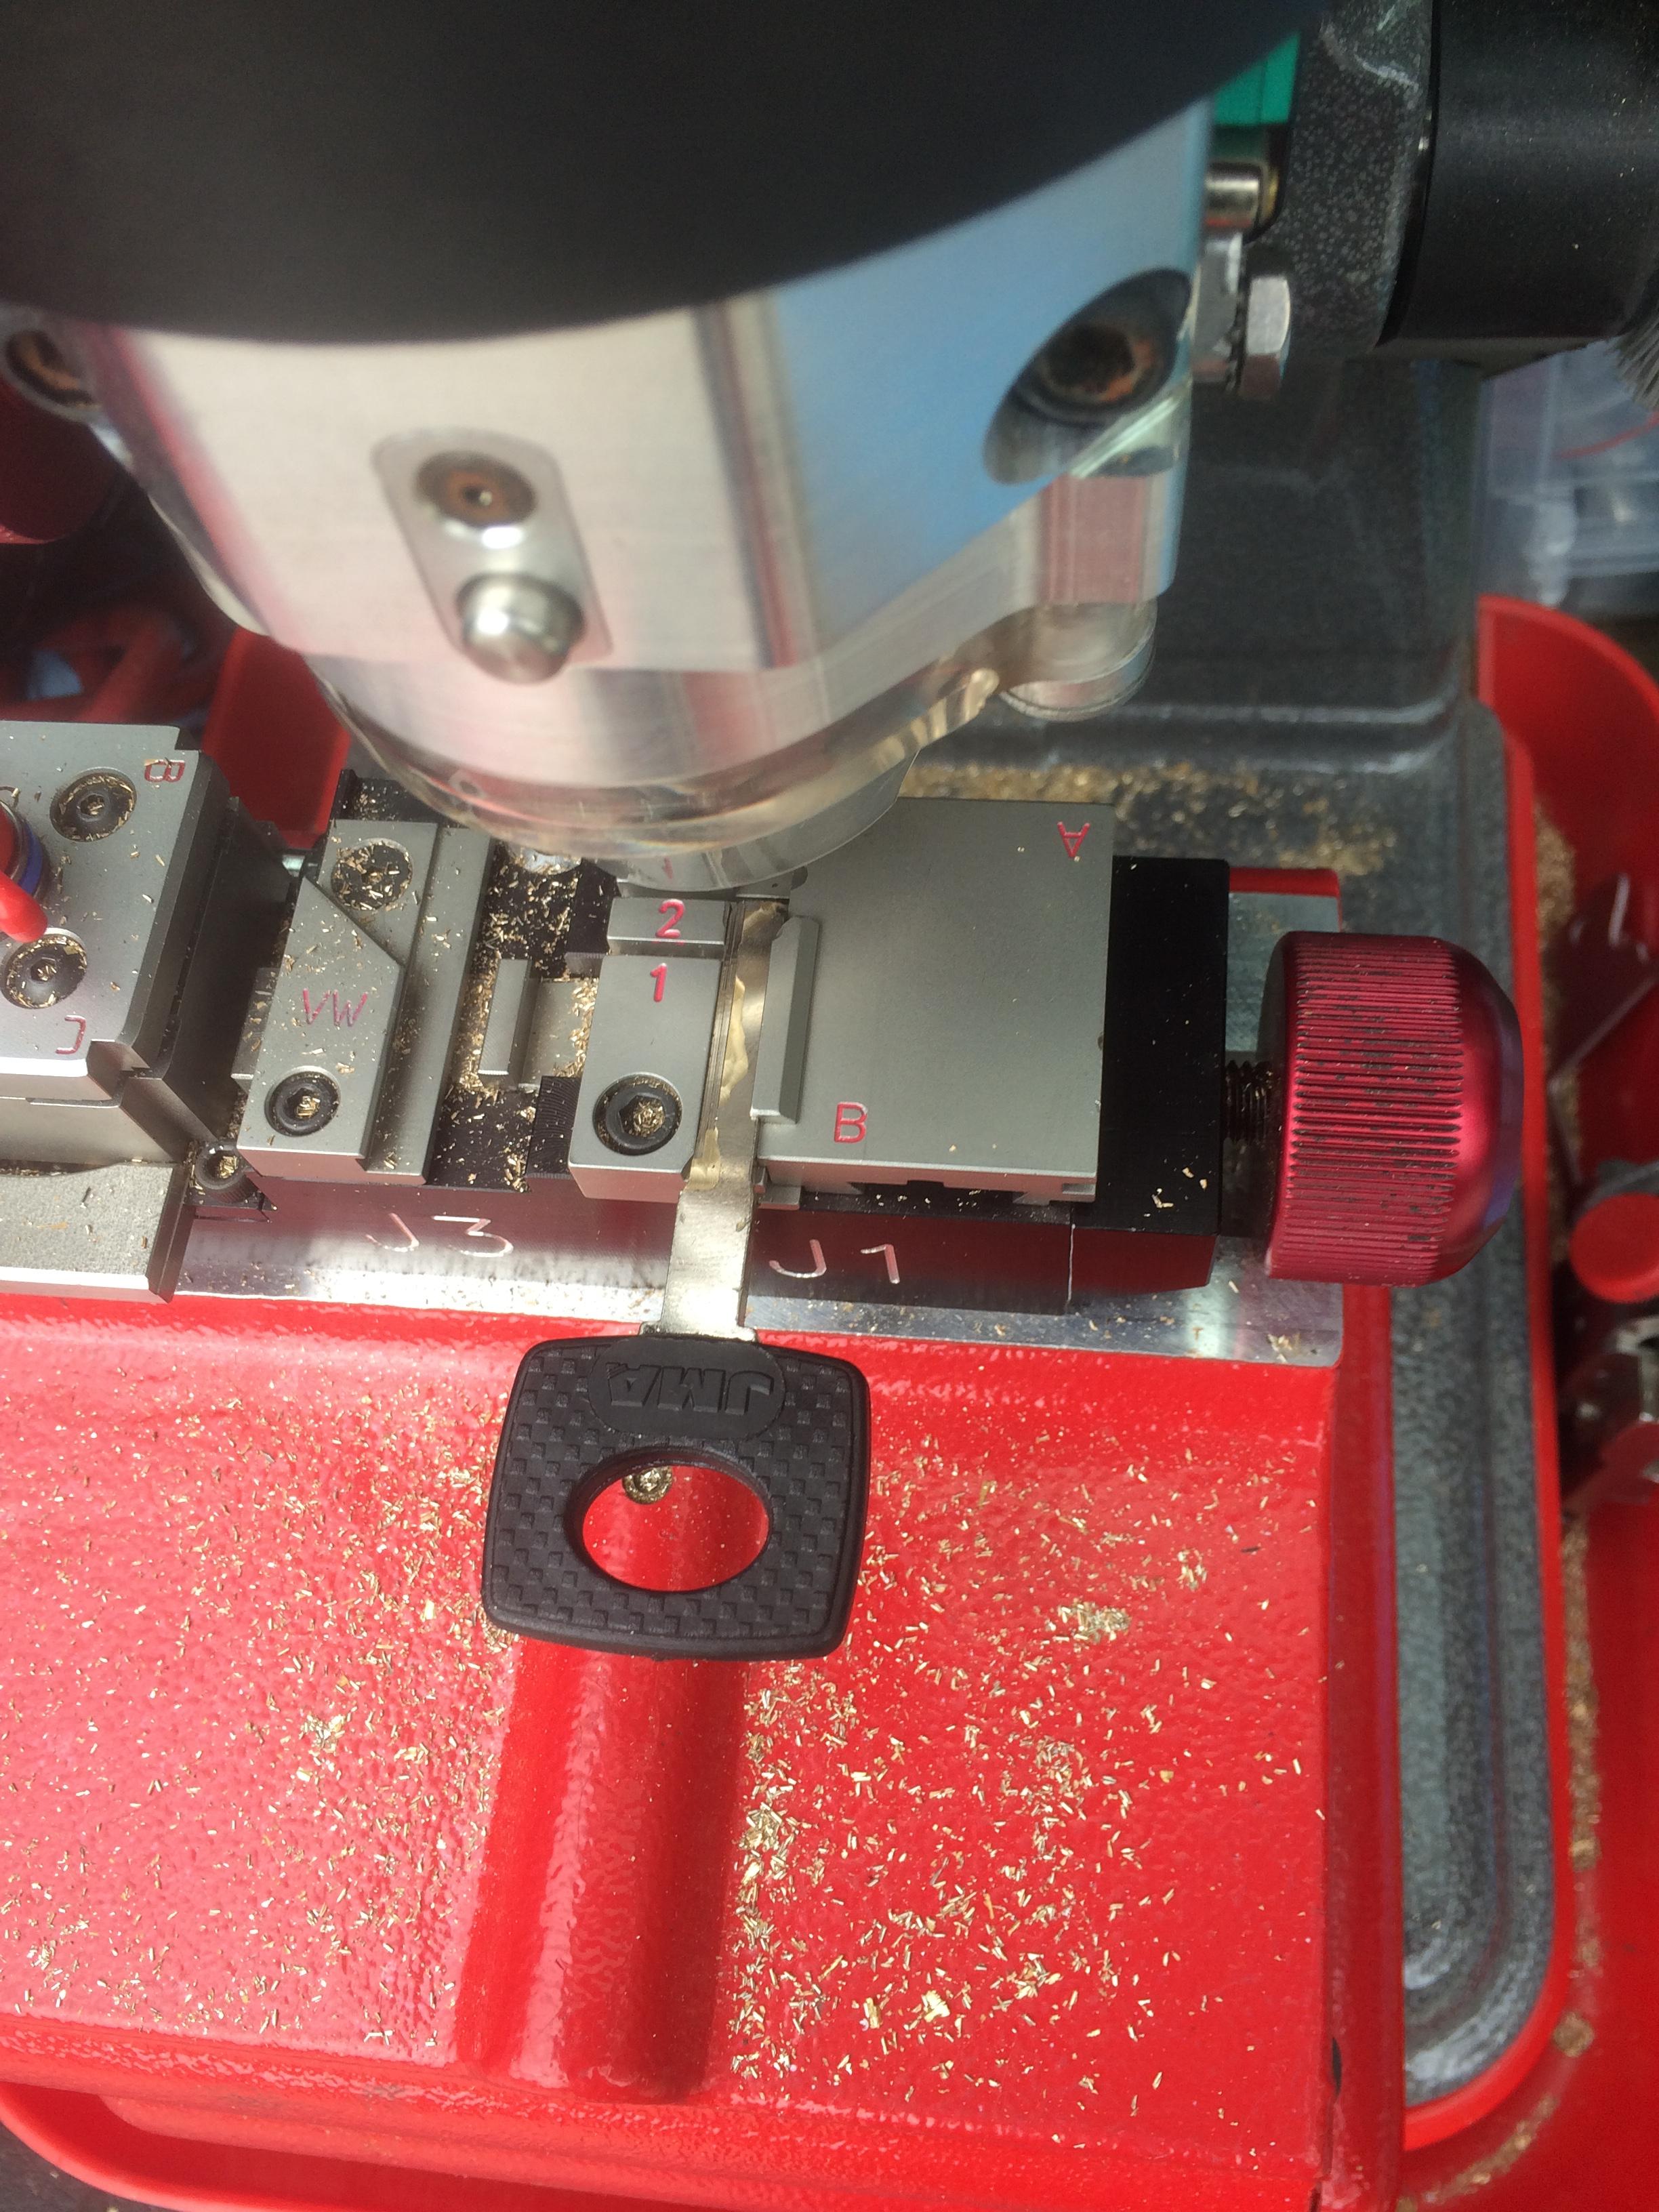 2007 lexus is 250 locked keys in trunk